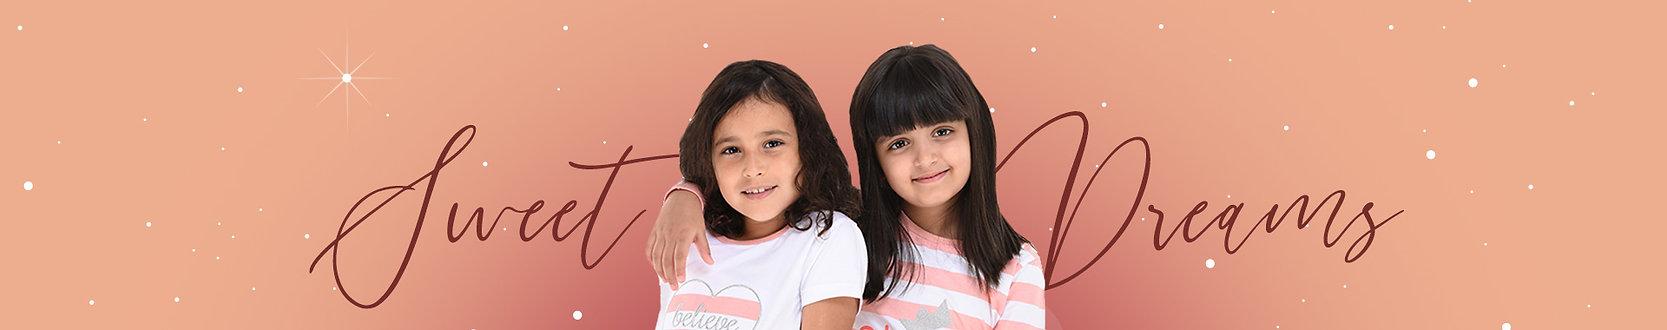 Kids-banner.jpg